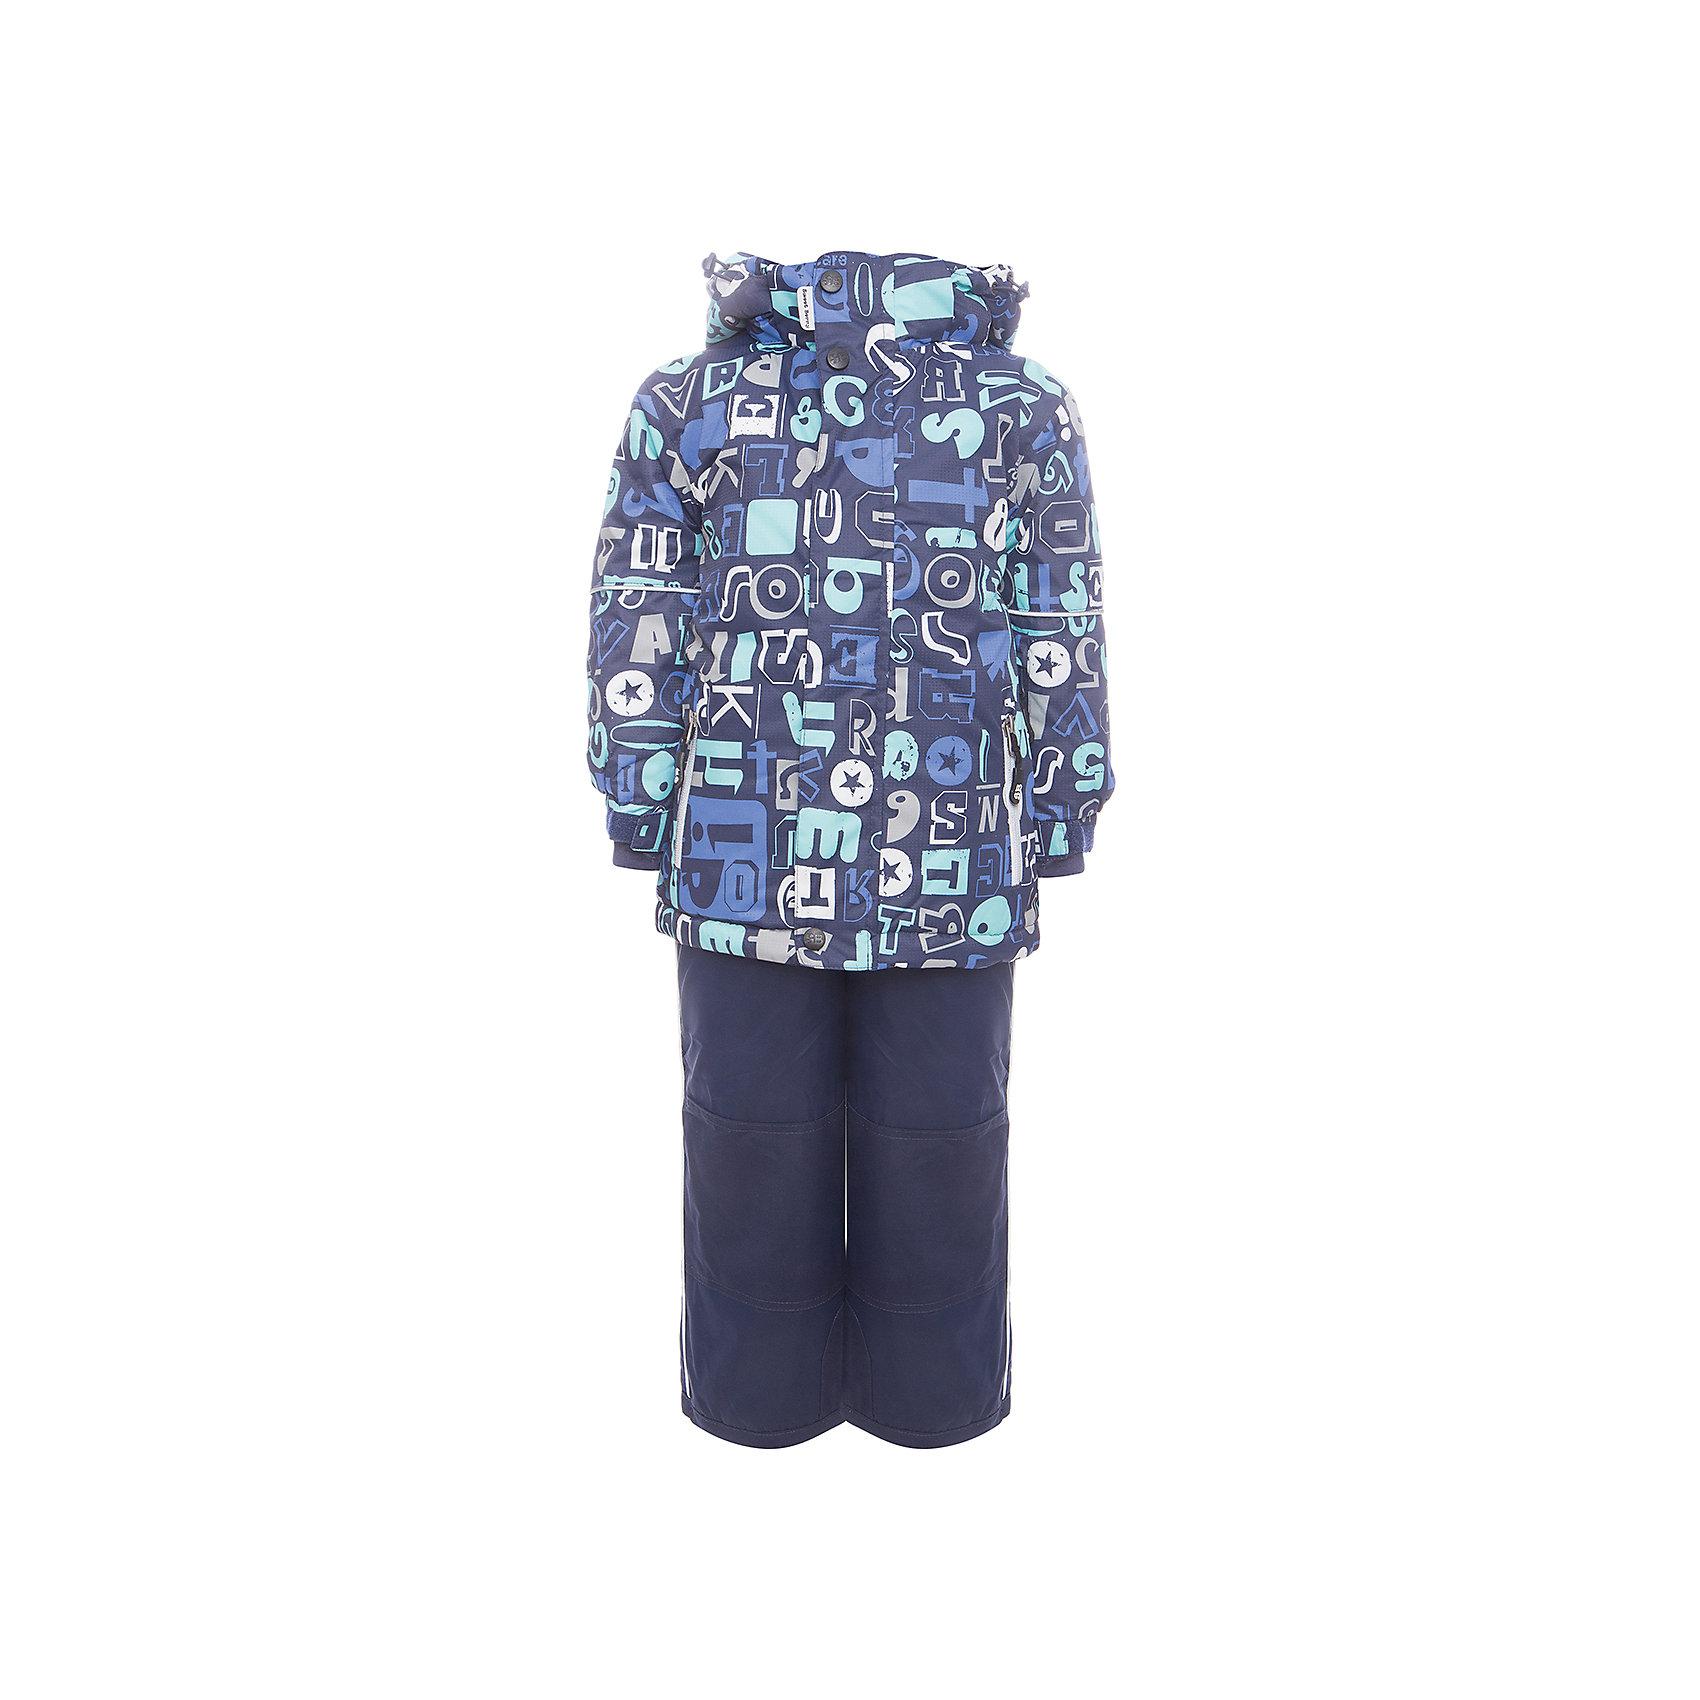 Комплект: куртка и полукомбинезон Sweet Berry для мальчикаКомплекты<br>Комплект: куртка и полукомбинезон Sweet Berry для мальчика<br>Комфортный и теплый костюм  для мальчика из мембранной ткани. В конструкции учтены физиологические особенности малыша. Съемный капюшон на молниях с дополнительной утяжкой, спереди установлены две кнопки.  Рукава с манжетами, регулируются липучкой. На куртке два кармана, застегивающиеся на молнию. Застежка-молния с внешней ветрозащитной планкой. Брюки на регулируемых подтяжках гарантируют посадку по фигуре.  Колени, задняя поверхность бедер и низ брюк дополнительно усилены сверхпрочным материалом. Силиконовые отстегивающиеся штрипки на брючинах. Ткань верха: мембрана 5000мм/5000г/м2/24h, waterproof, водонепроницаемая с грязеотталкивающей пропиткой.<br>Пoдкладка: флис<br>Утеплитель: синтетический утеплитель 220 г/м? (куртка),<br>180 г/м? (рукава, п/комбинезон). Температурный режим: от -35 до +5 С<br>Состав:<br>Верх: куртка: 100%полиэстер, полукомбинезон:  100%нейлон.  Подкладка: 100%полиэстер. Наполнитель: 100%полиэстер<br><br>Ширина мм: 356<br>Глубина мм: 10<br>Высота мм: 245<br>Вес г: 519<br>Цвет: синий<br>Возраст от месяцев: 96<br>Возраст до месяцев: 108<br>Пол: Мужской<br>Возраст: Детский<br>Размер: 134,104,92,98,110,116,122,128<br>SKU: 7093823